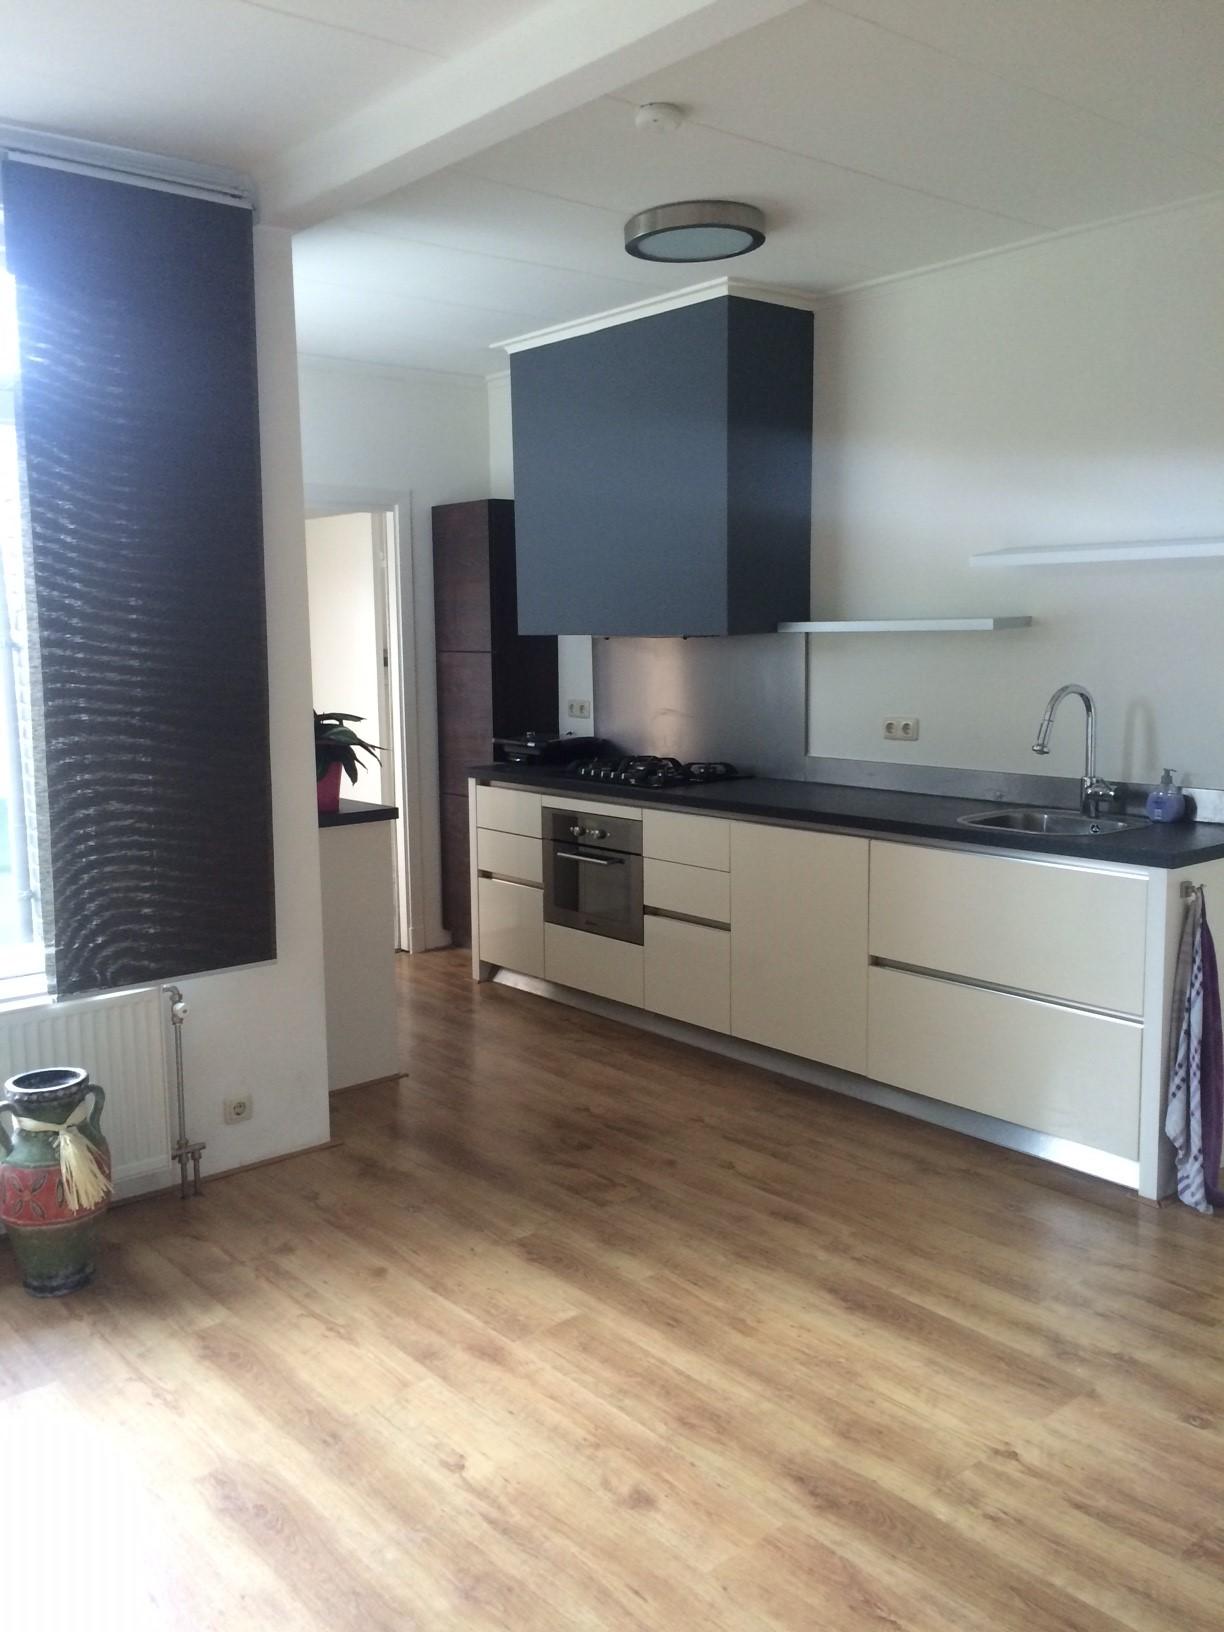 Te huur 1026 huis op korte afstand van het centrum van enschede twents vast enschede - Center meubilair keuken ...